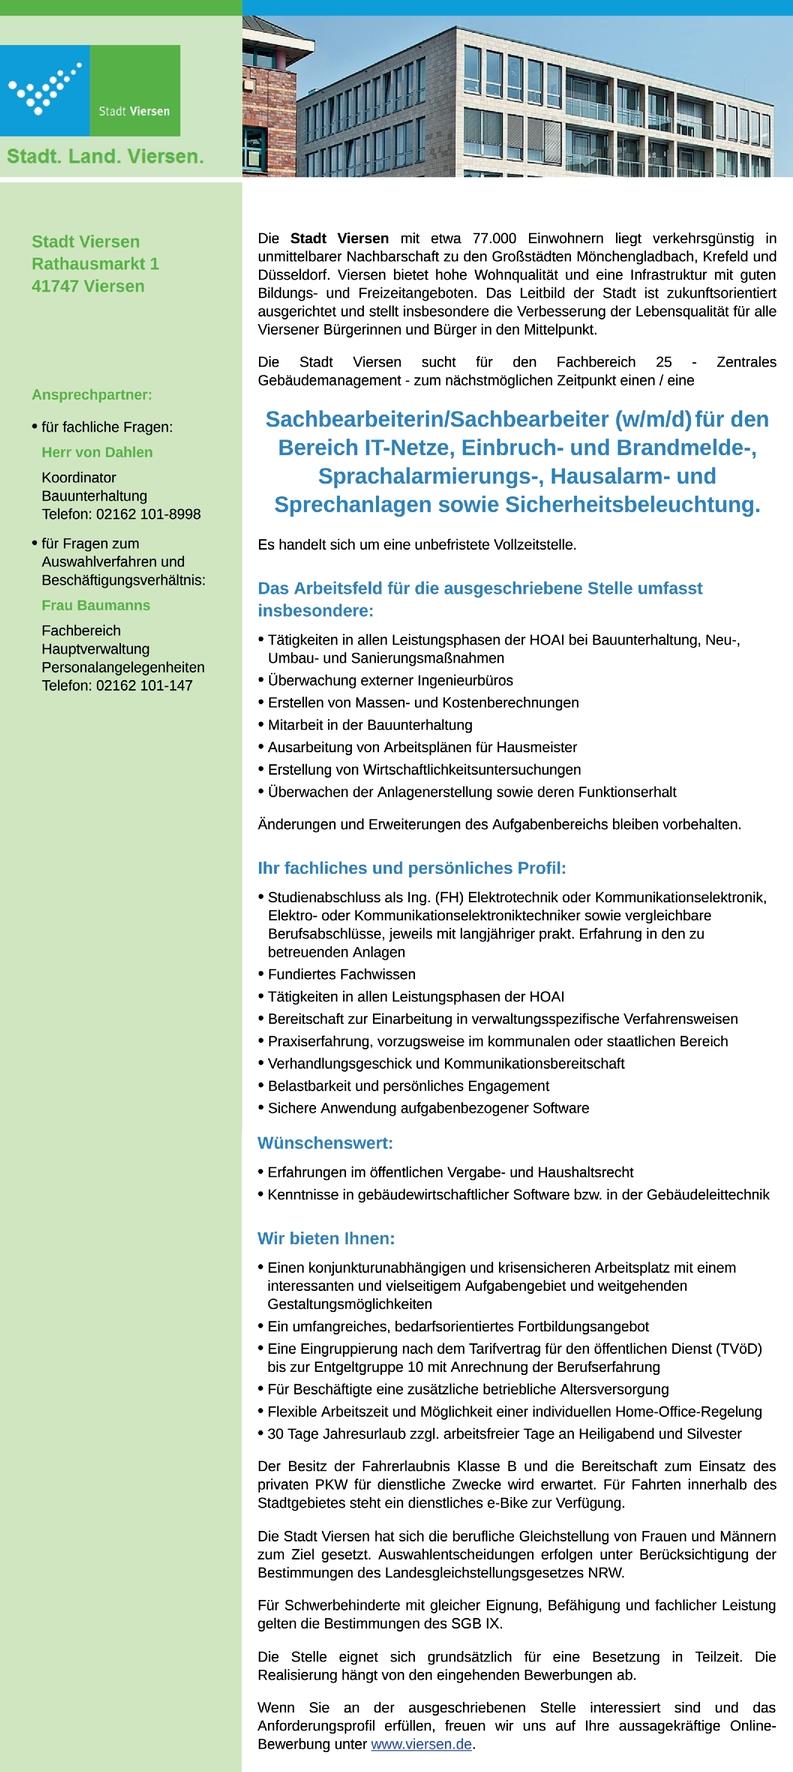 Ingenieur/in Elektrotechnik (m/w/d)